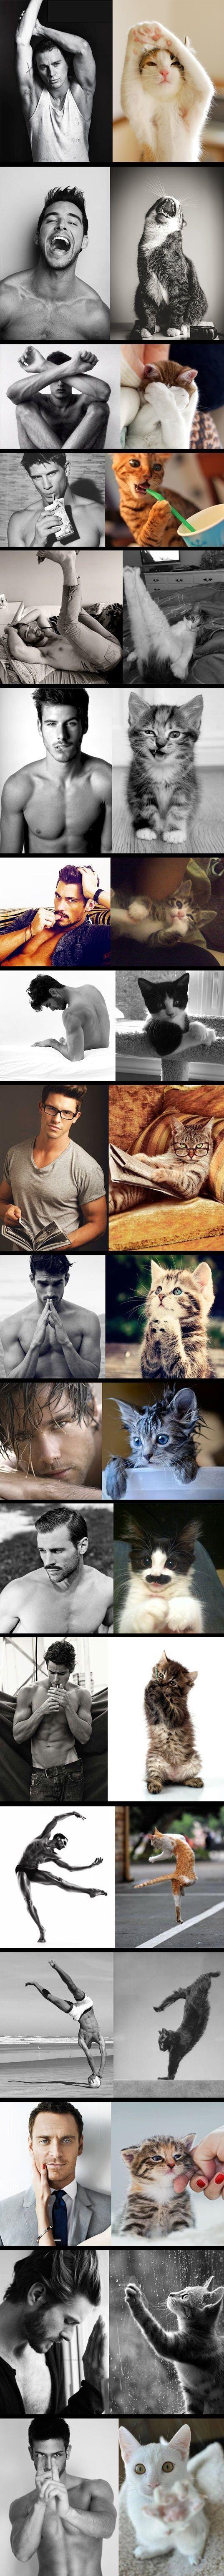 Cats vs. Male models